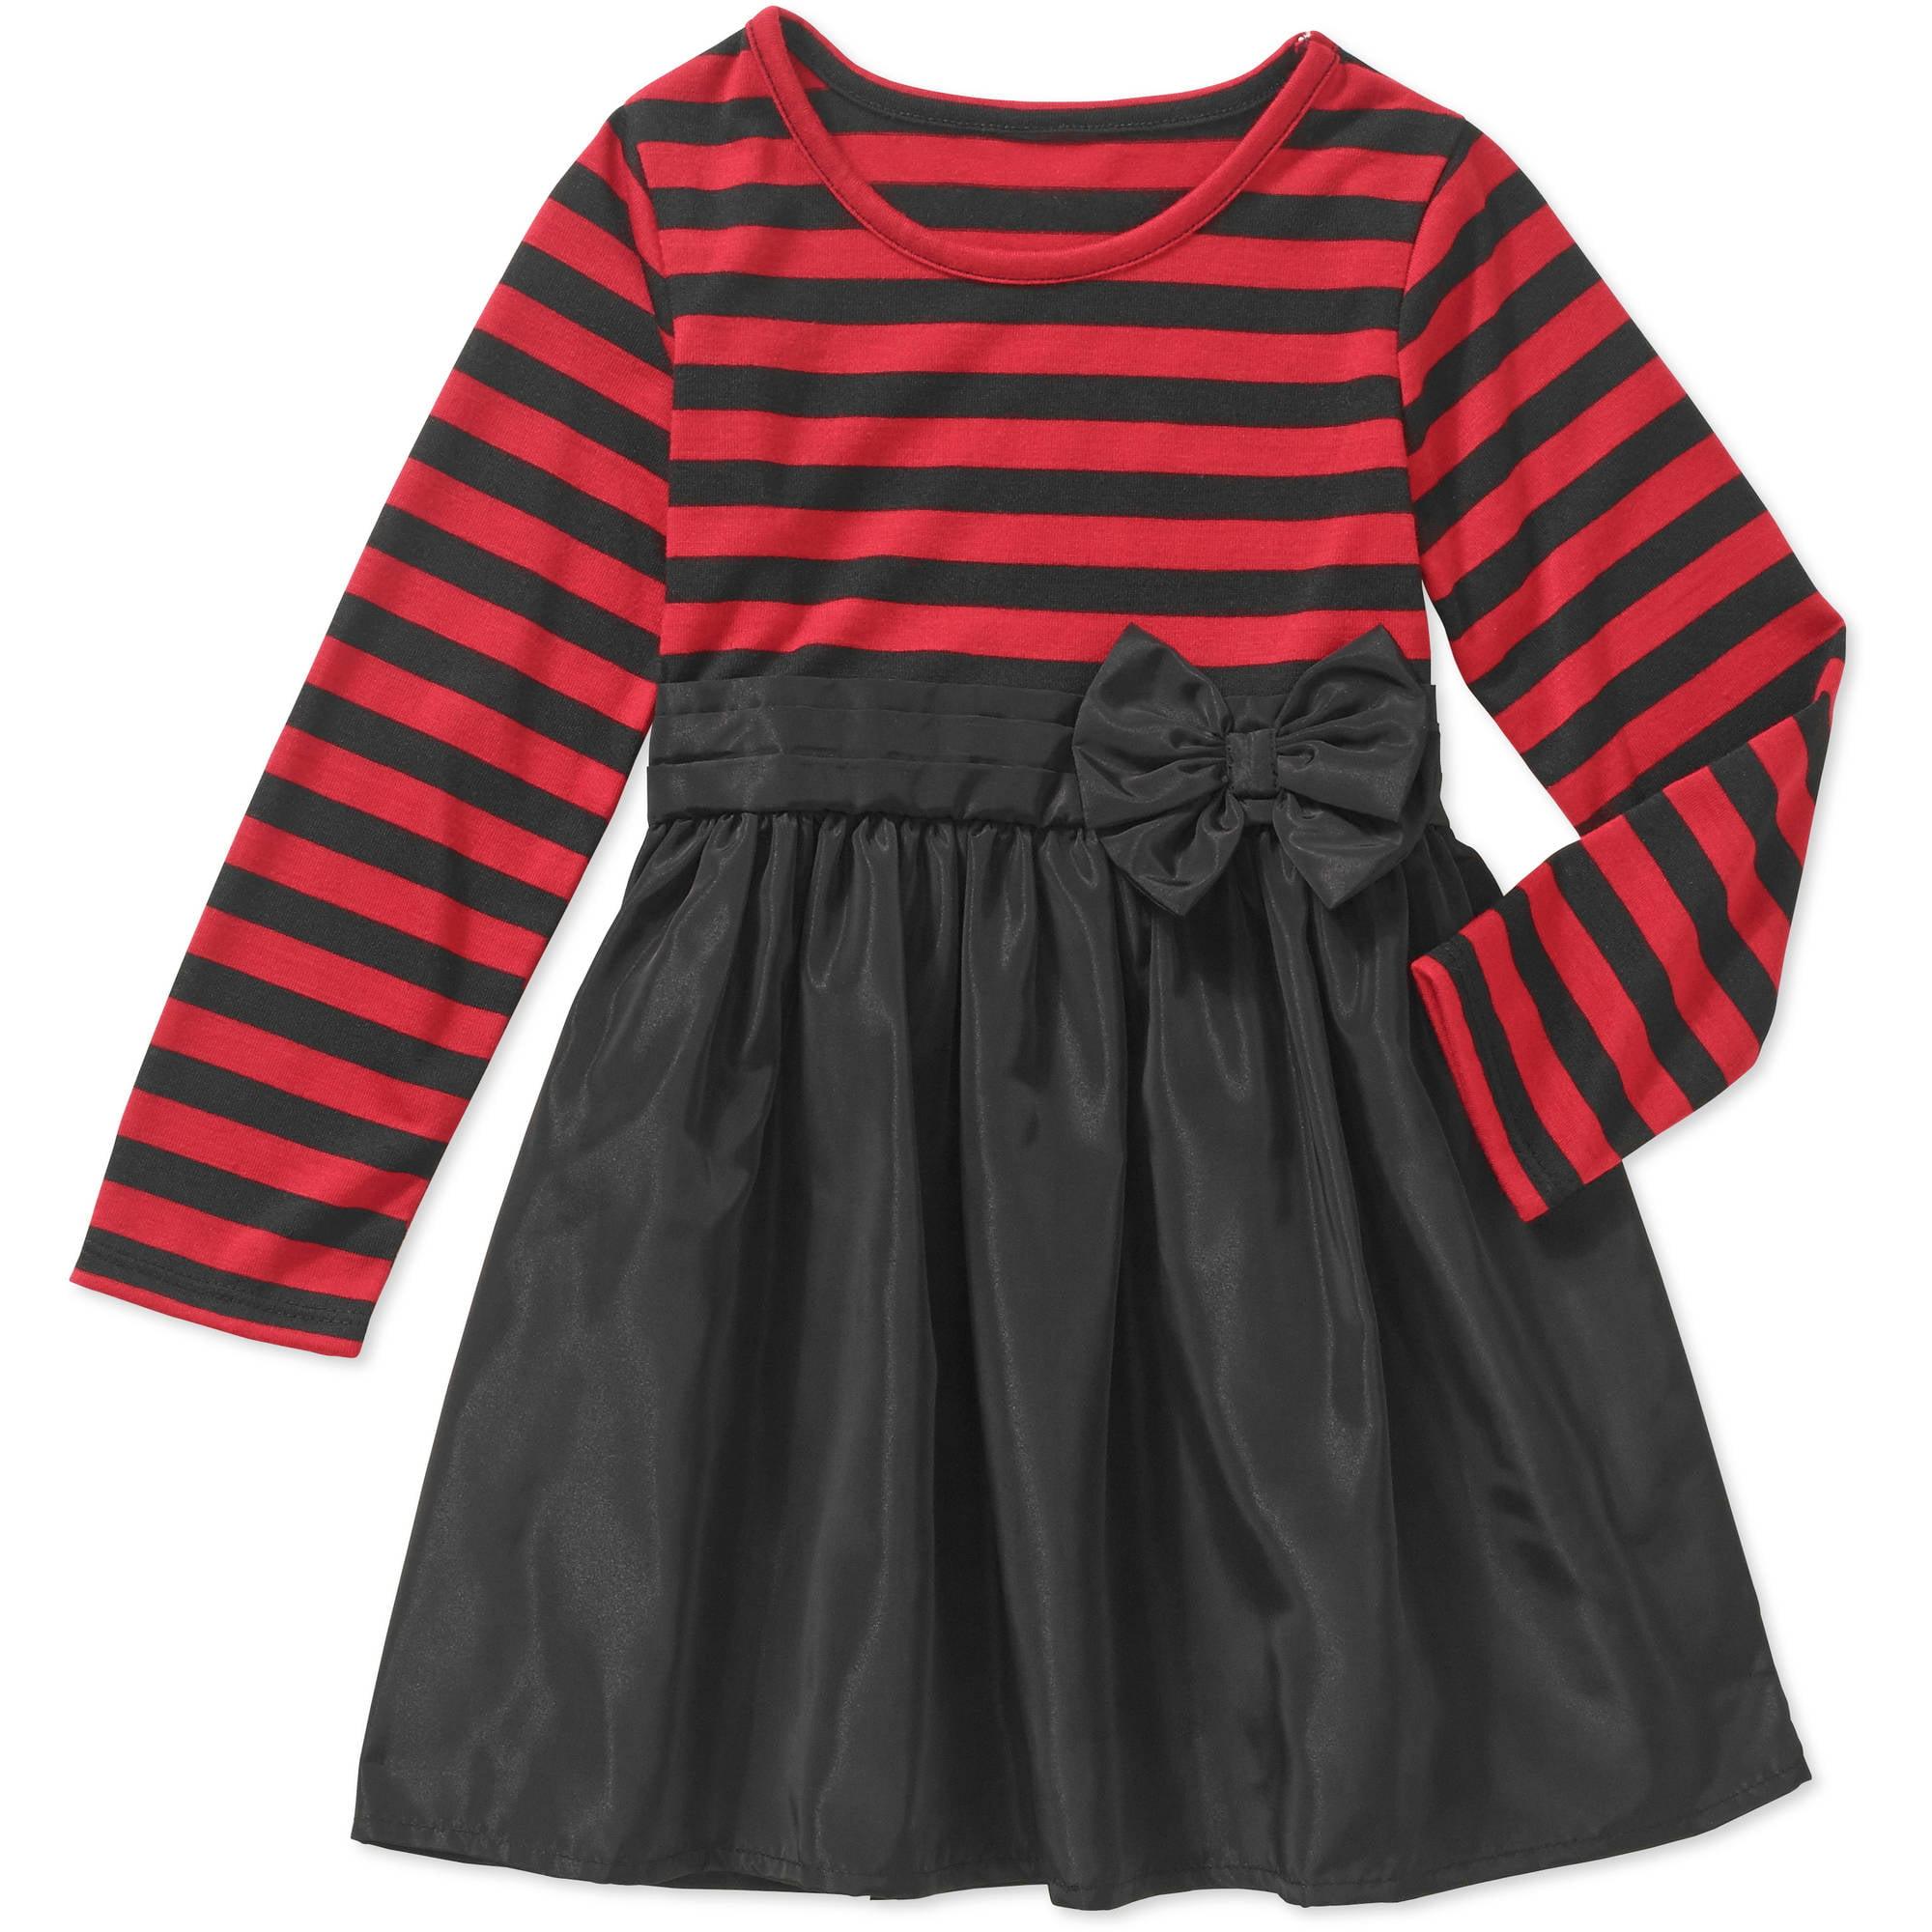 Healthtex Toddler Girl Long Sleeve Sash Belt Dress